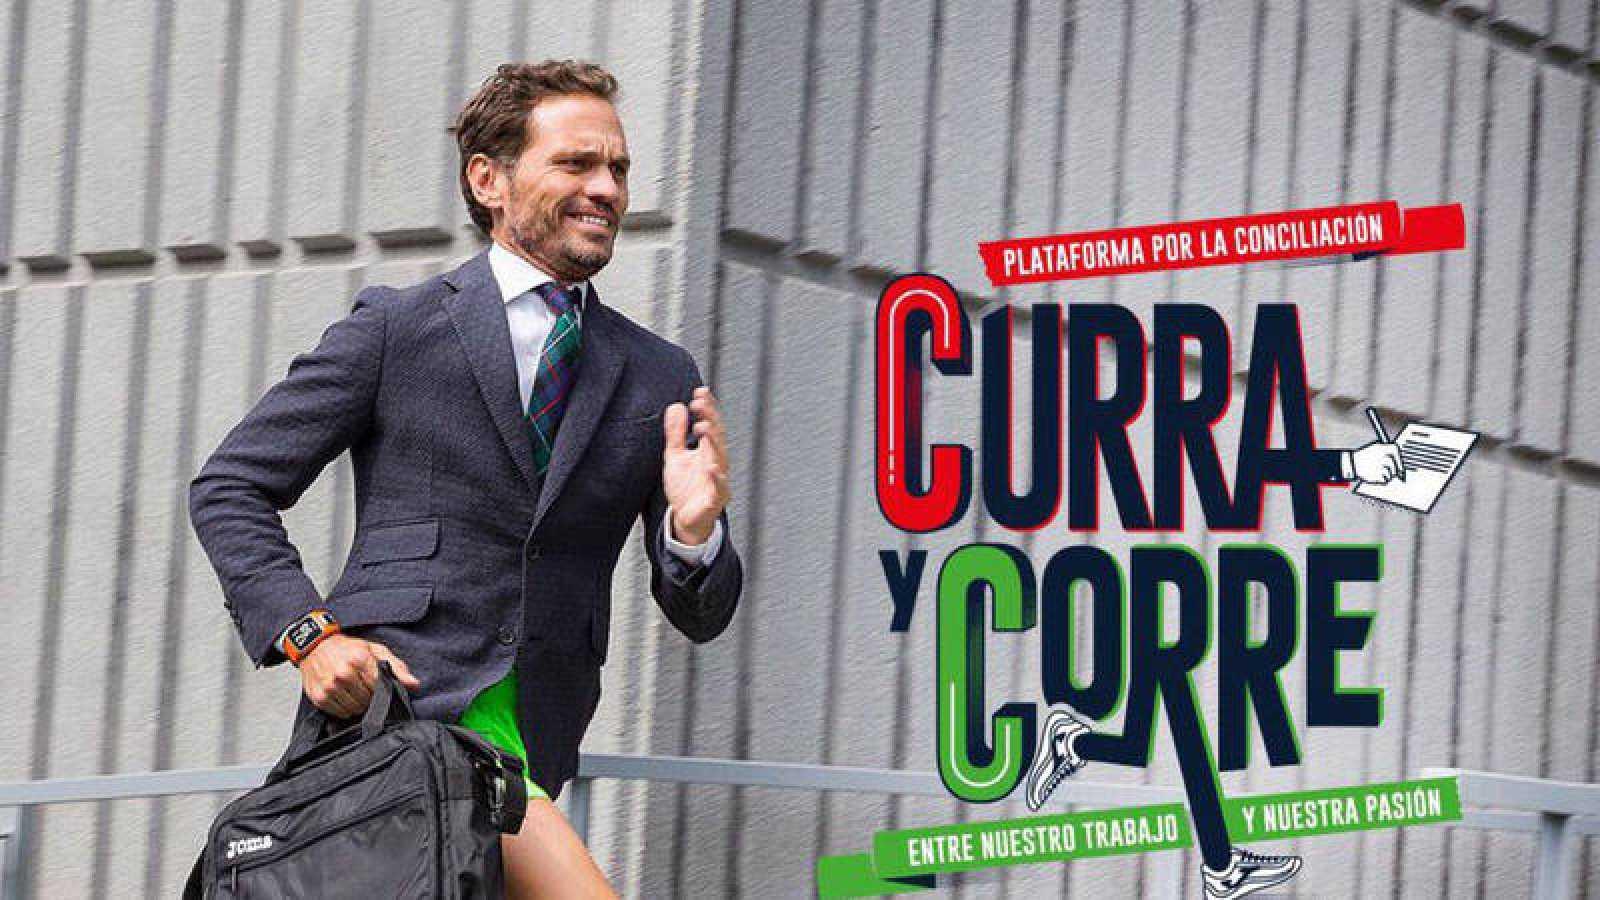 'Curra y corre', el secreto para conciliar trabajo y deporte